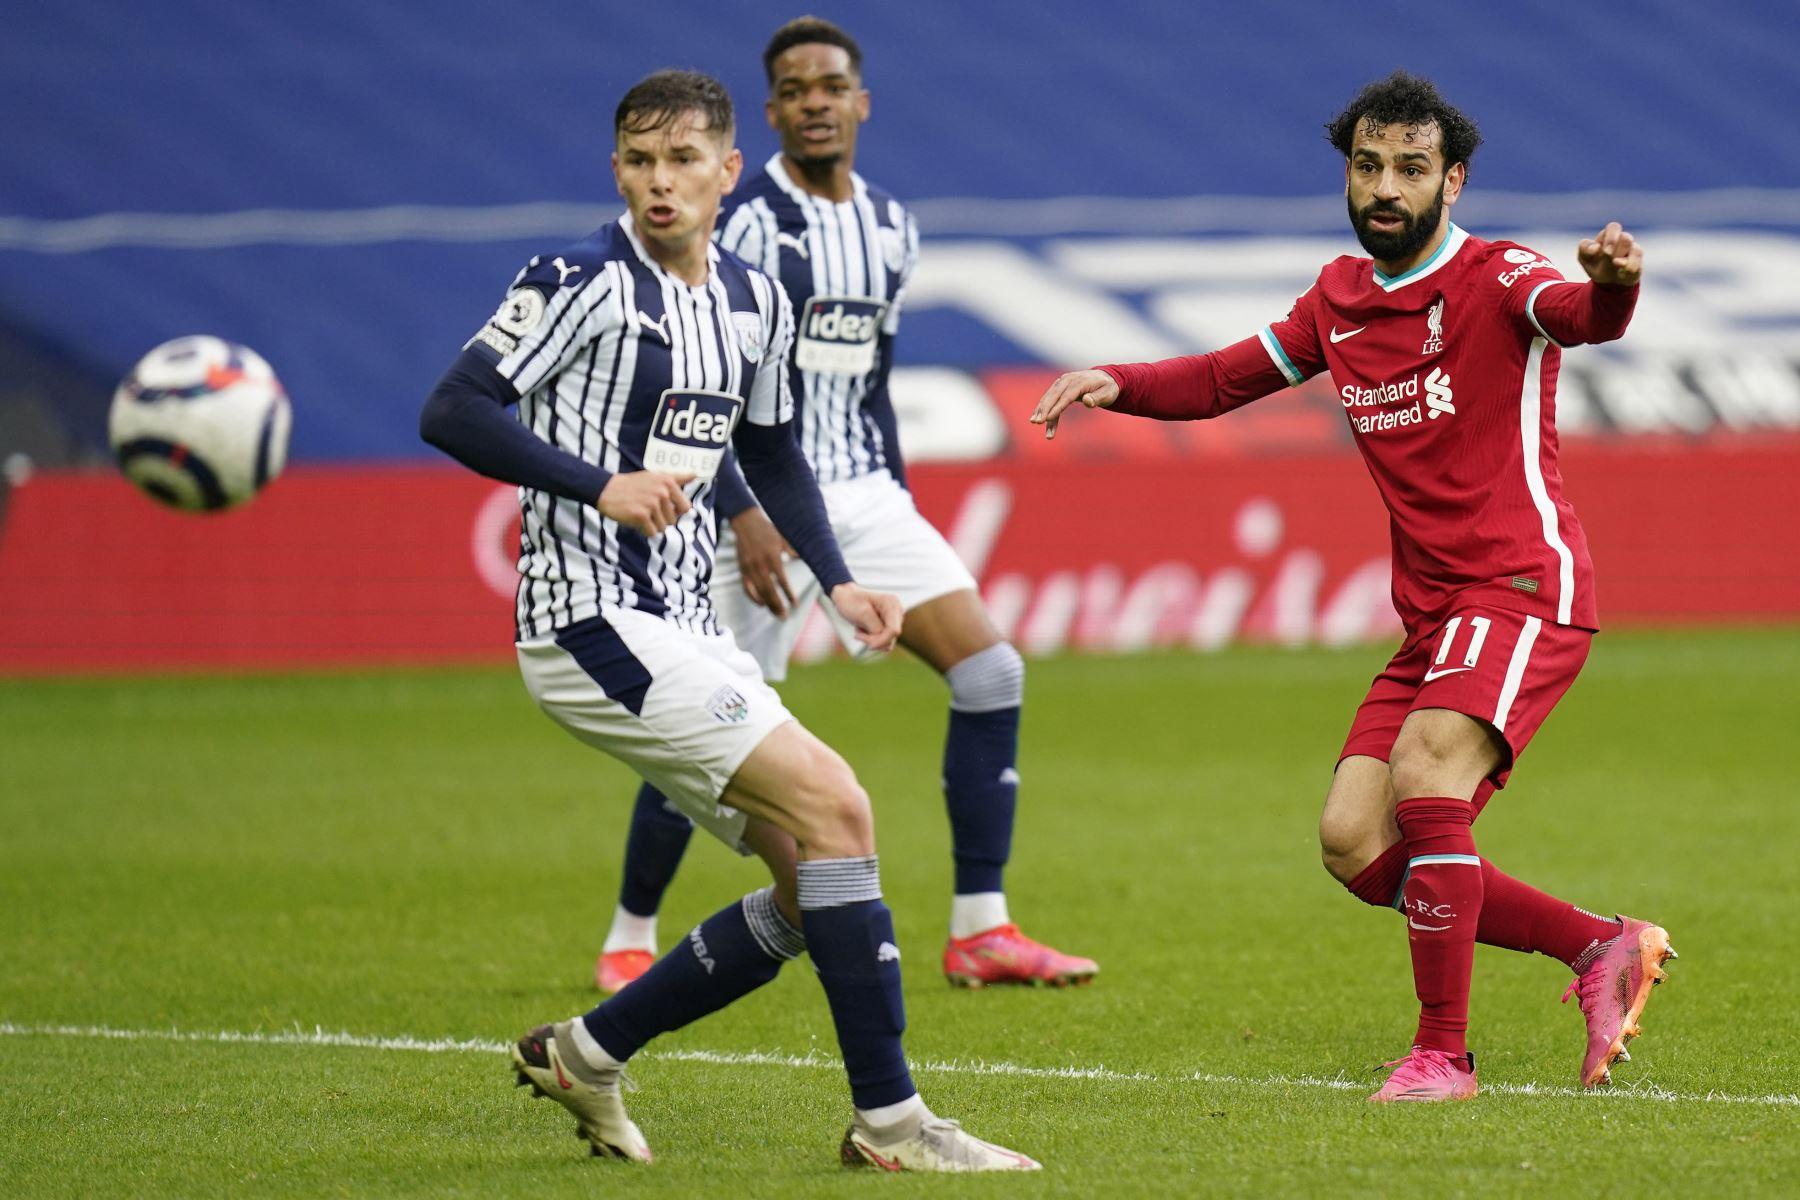 El centrocampista egipcio del Liverpool Mohamed Salah anota el primer gol de su equipo durante el partido de fútbol de la Premier League inglesa entre West Bromwich Albion y Liverpool. Foto: AFP